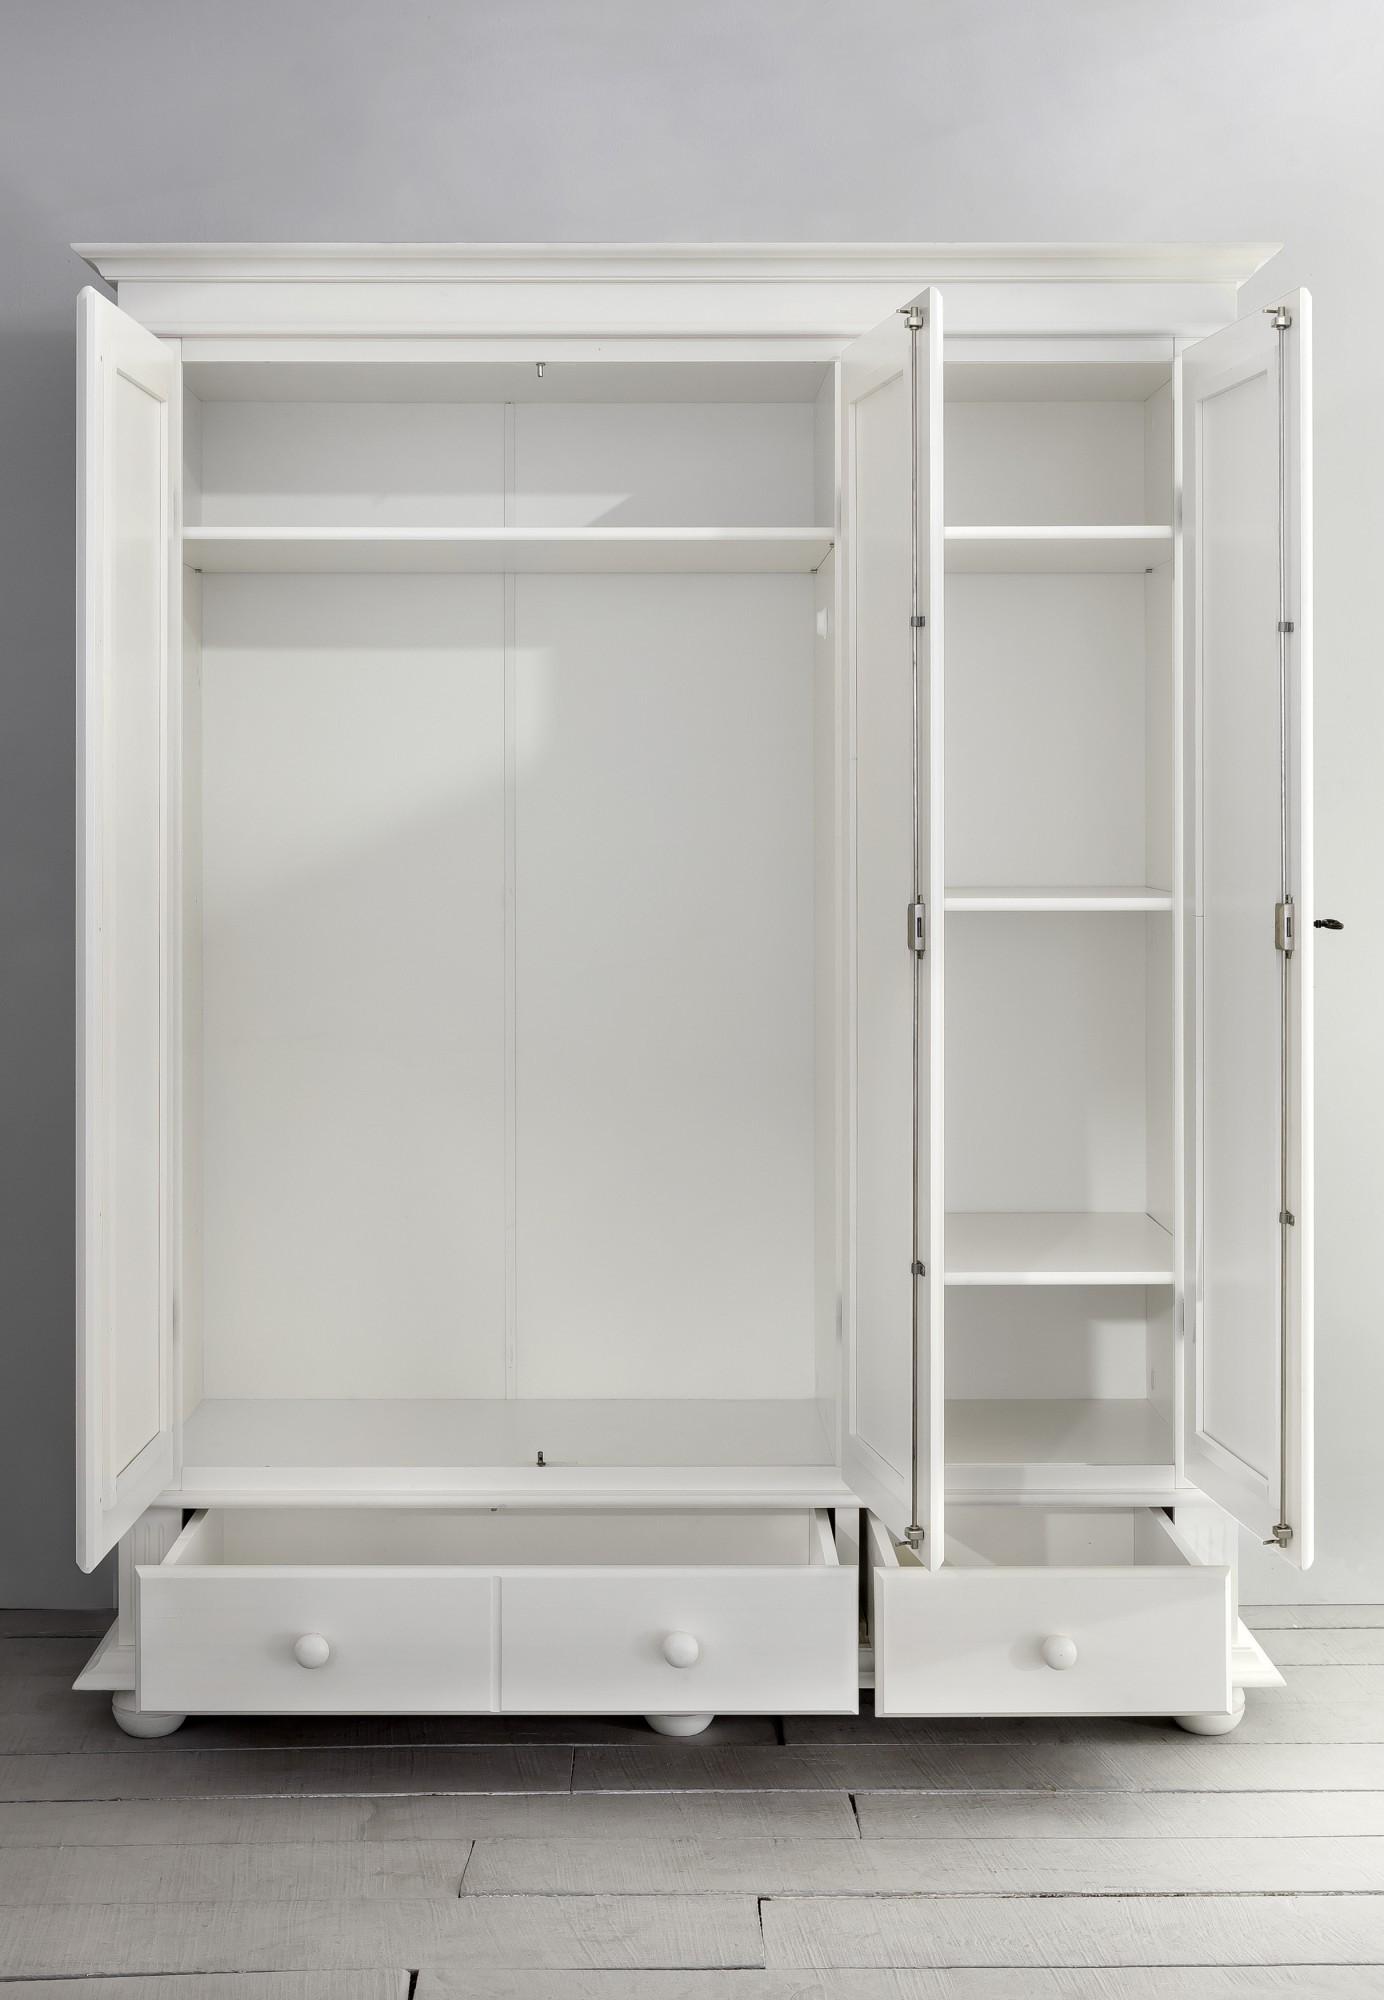 3 trg kleiderschrank freiburg spiegel massivholz weiss. Black Bedroom Furniture Sets. Home Design Ideas